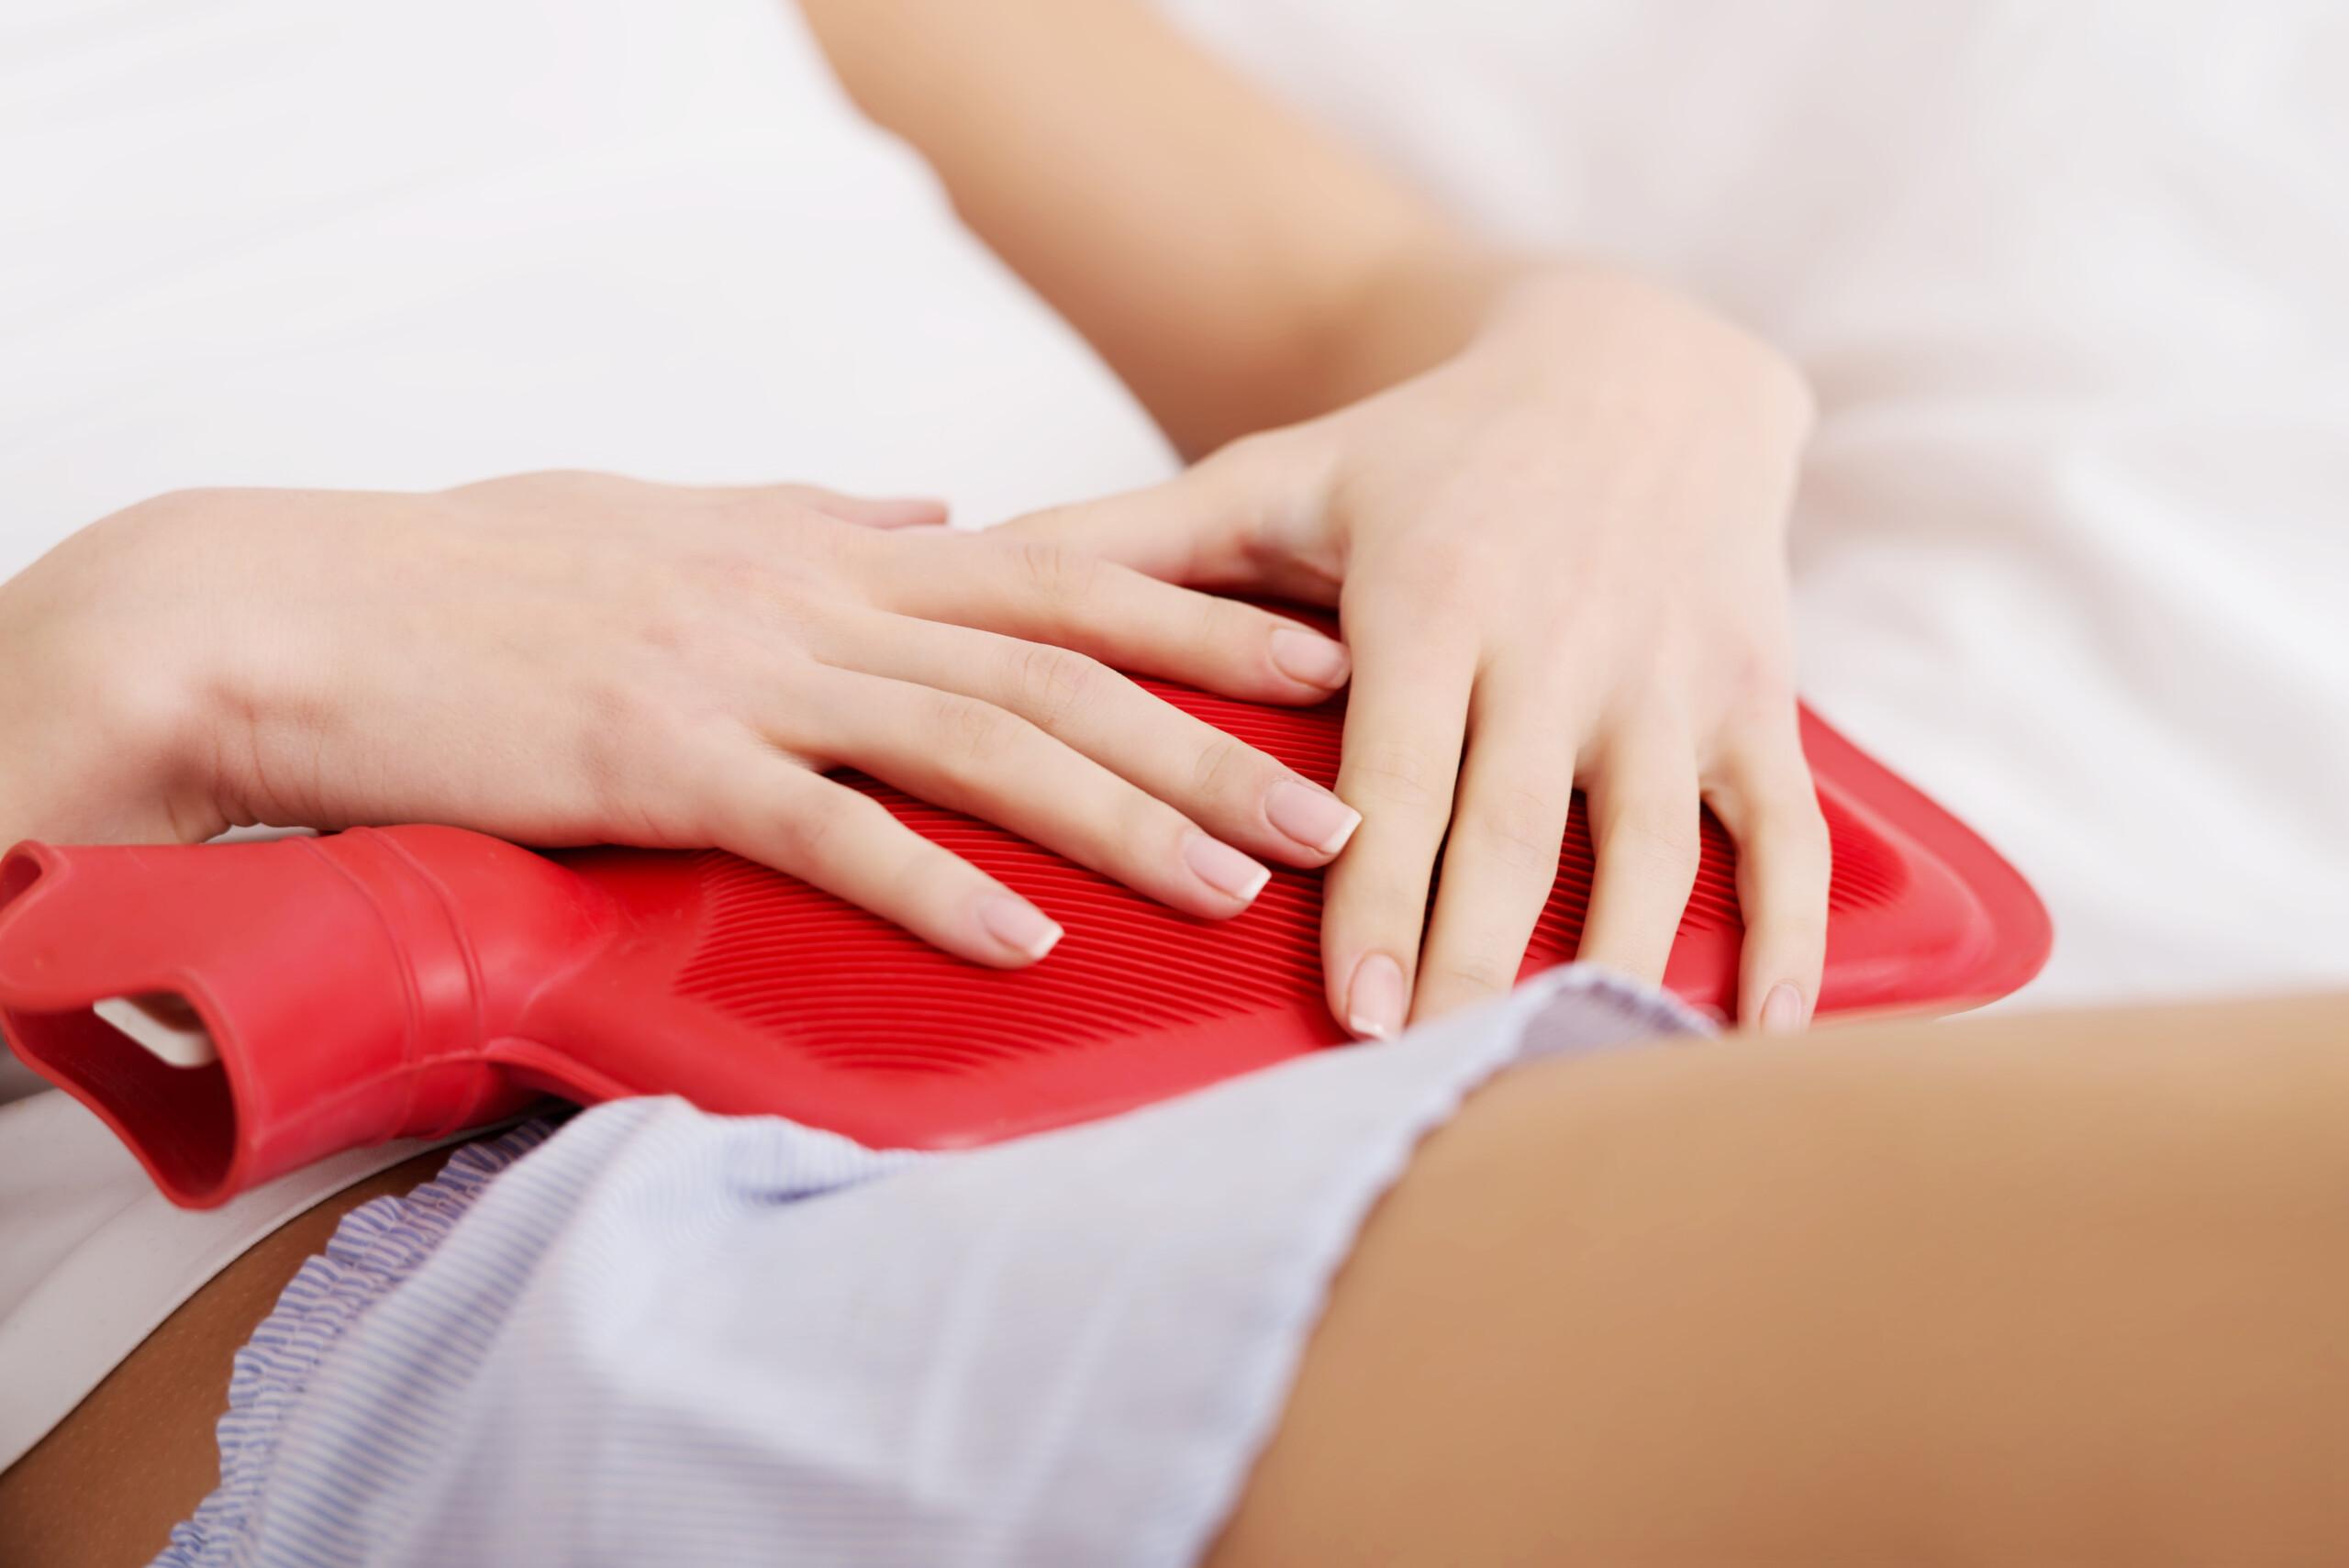 Dureri insuportabile înainte de menstruație? Interviu cu specialistul Corina Cardaniuc